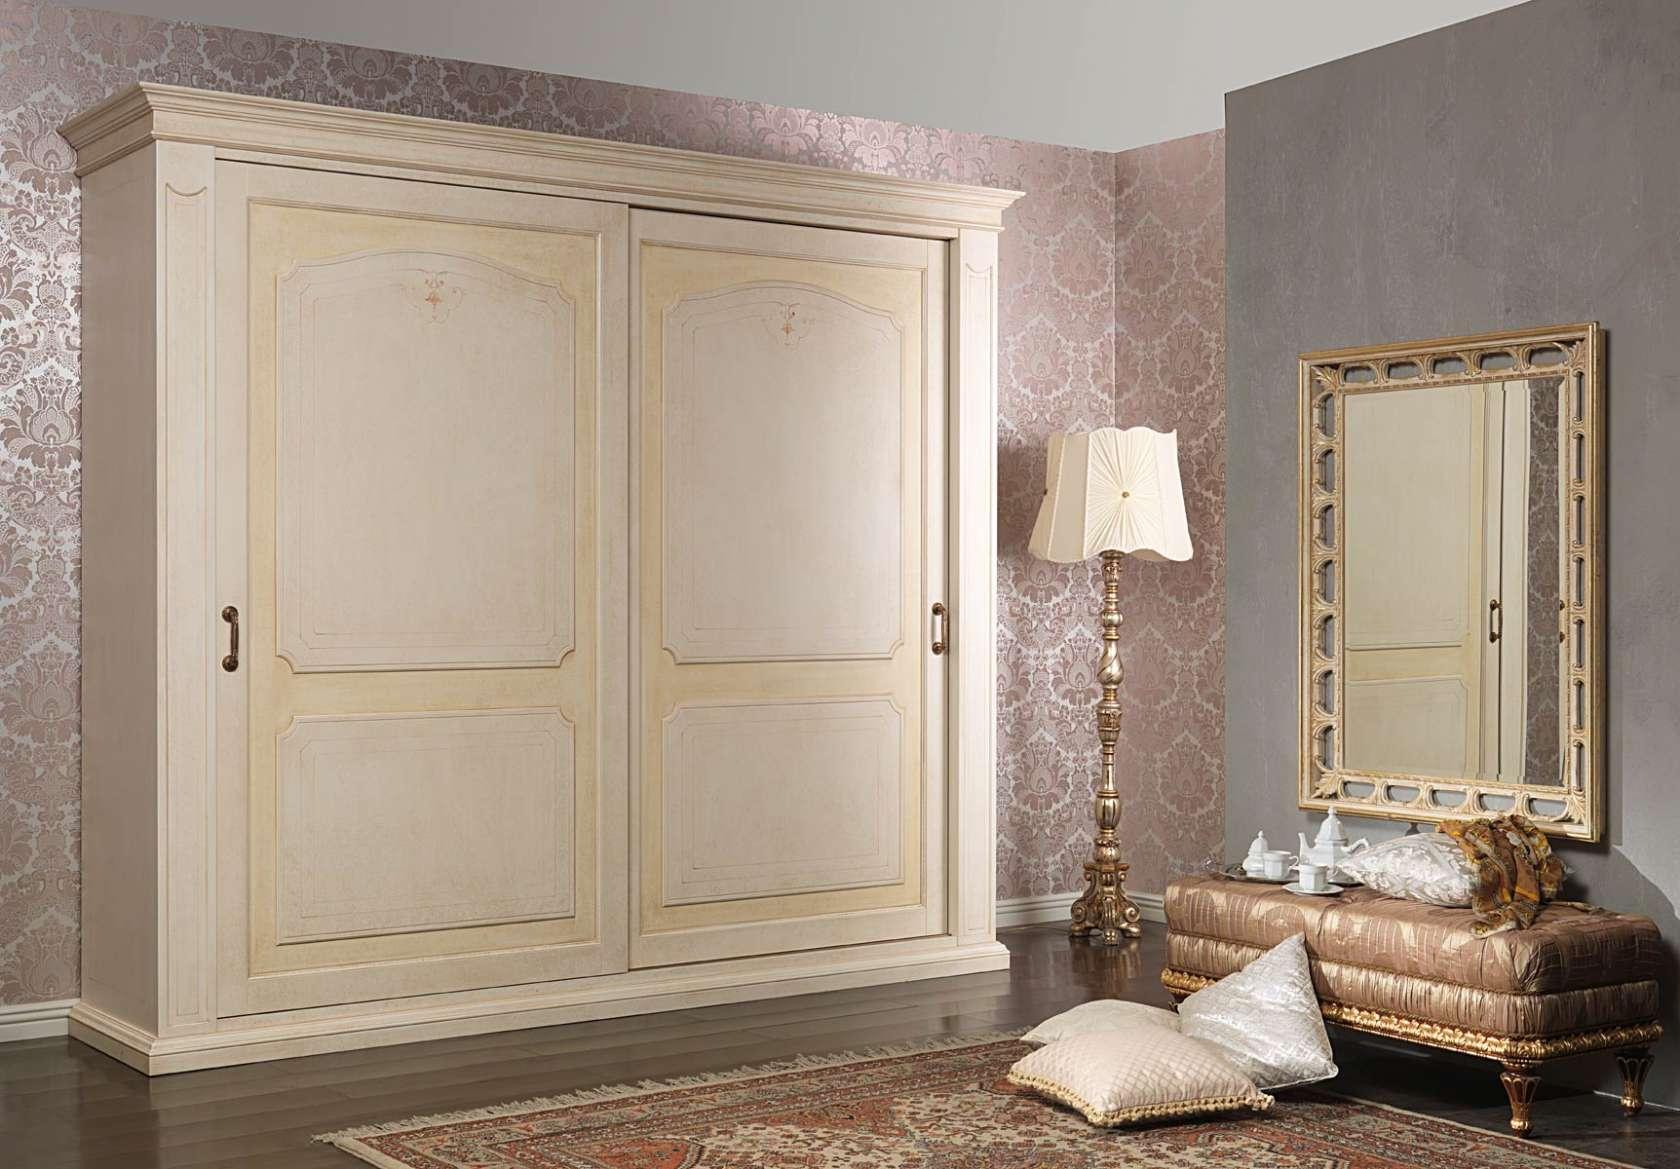 Armadio classico collezione Botticelli | Vimercati Meda